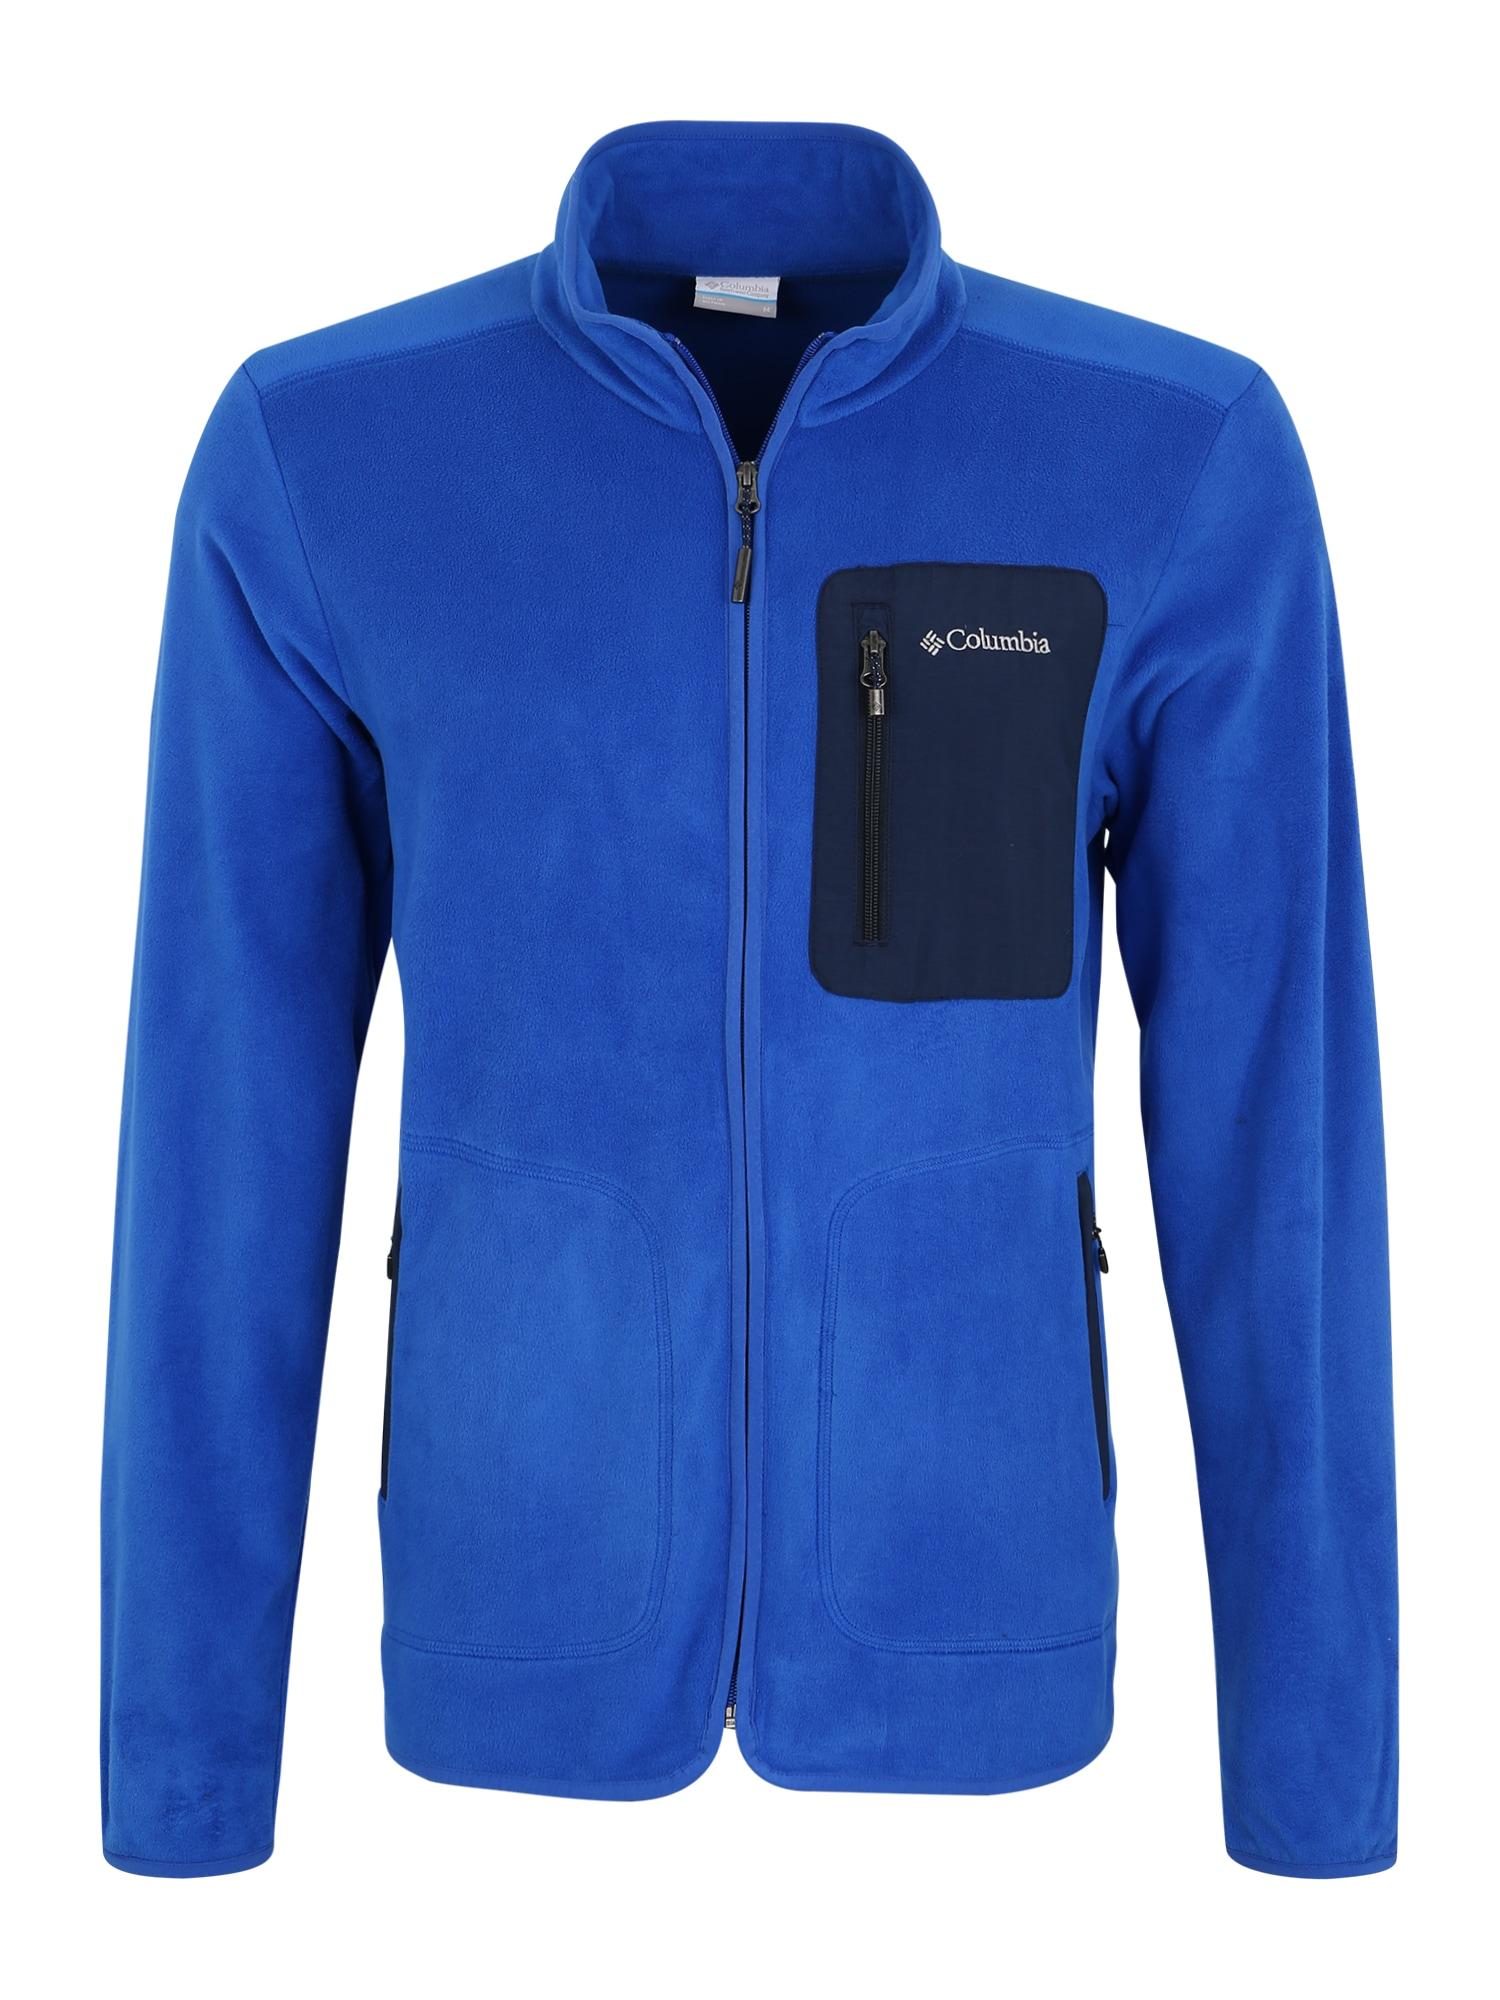 COLUMBIA Funkcinis flisinis džemperis 'Exploration FZ' tamsiai mėlyna